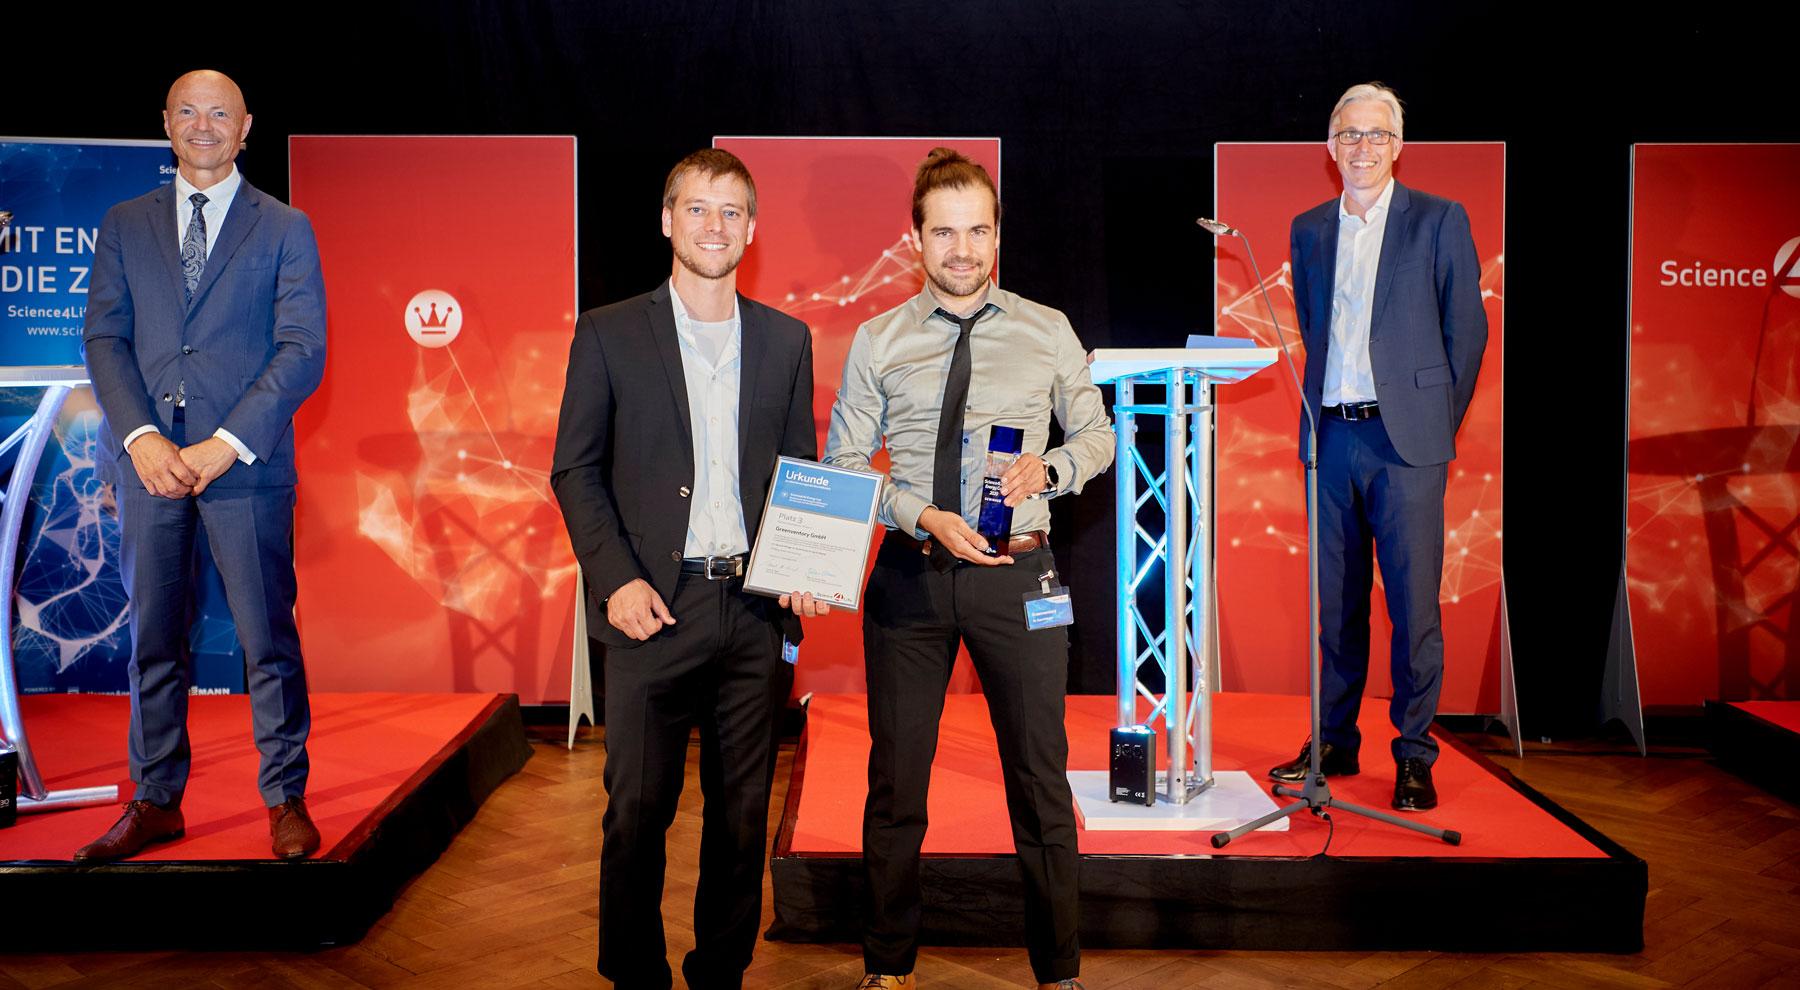 Businessplanwettbewerb für Life Sciences, Chemie und Energie, Science4Life Gewinner 2020